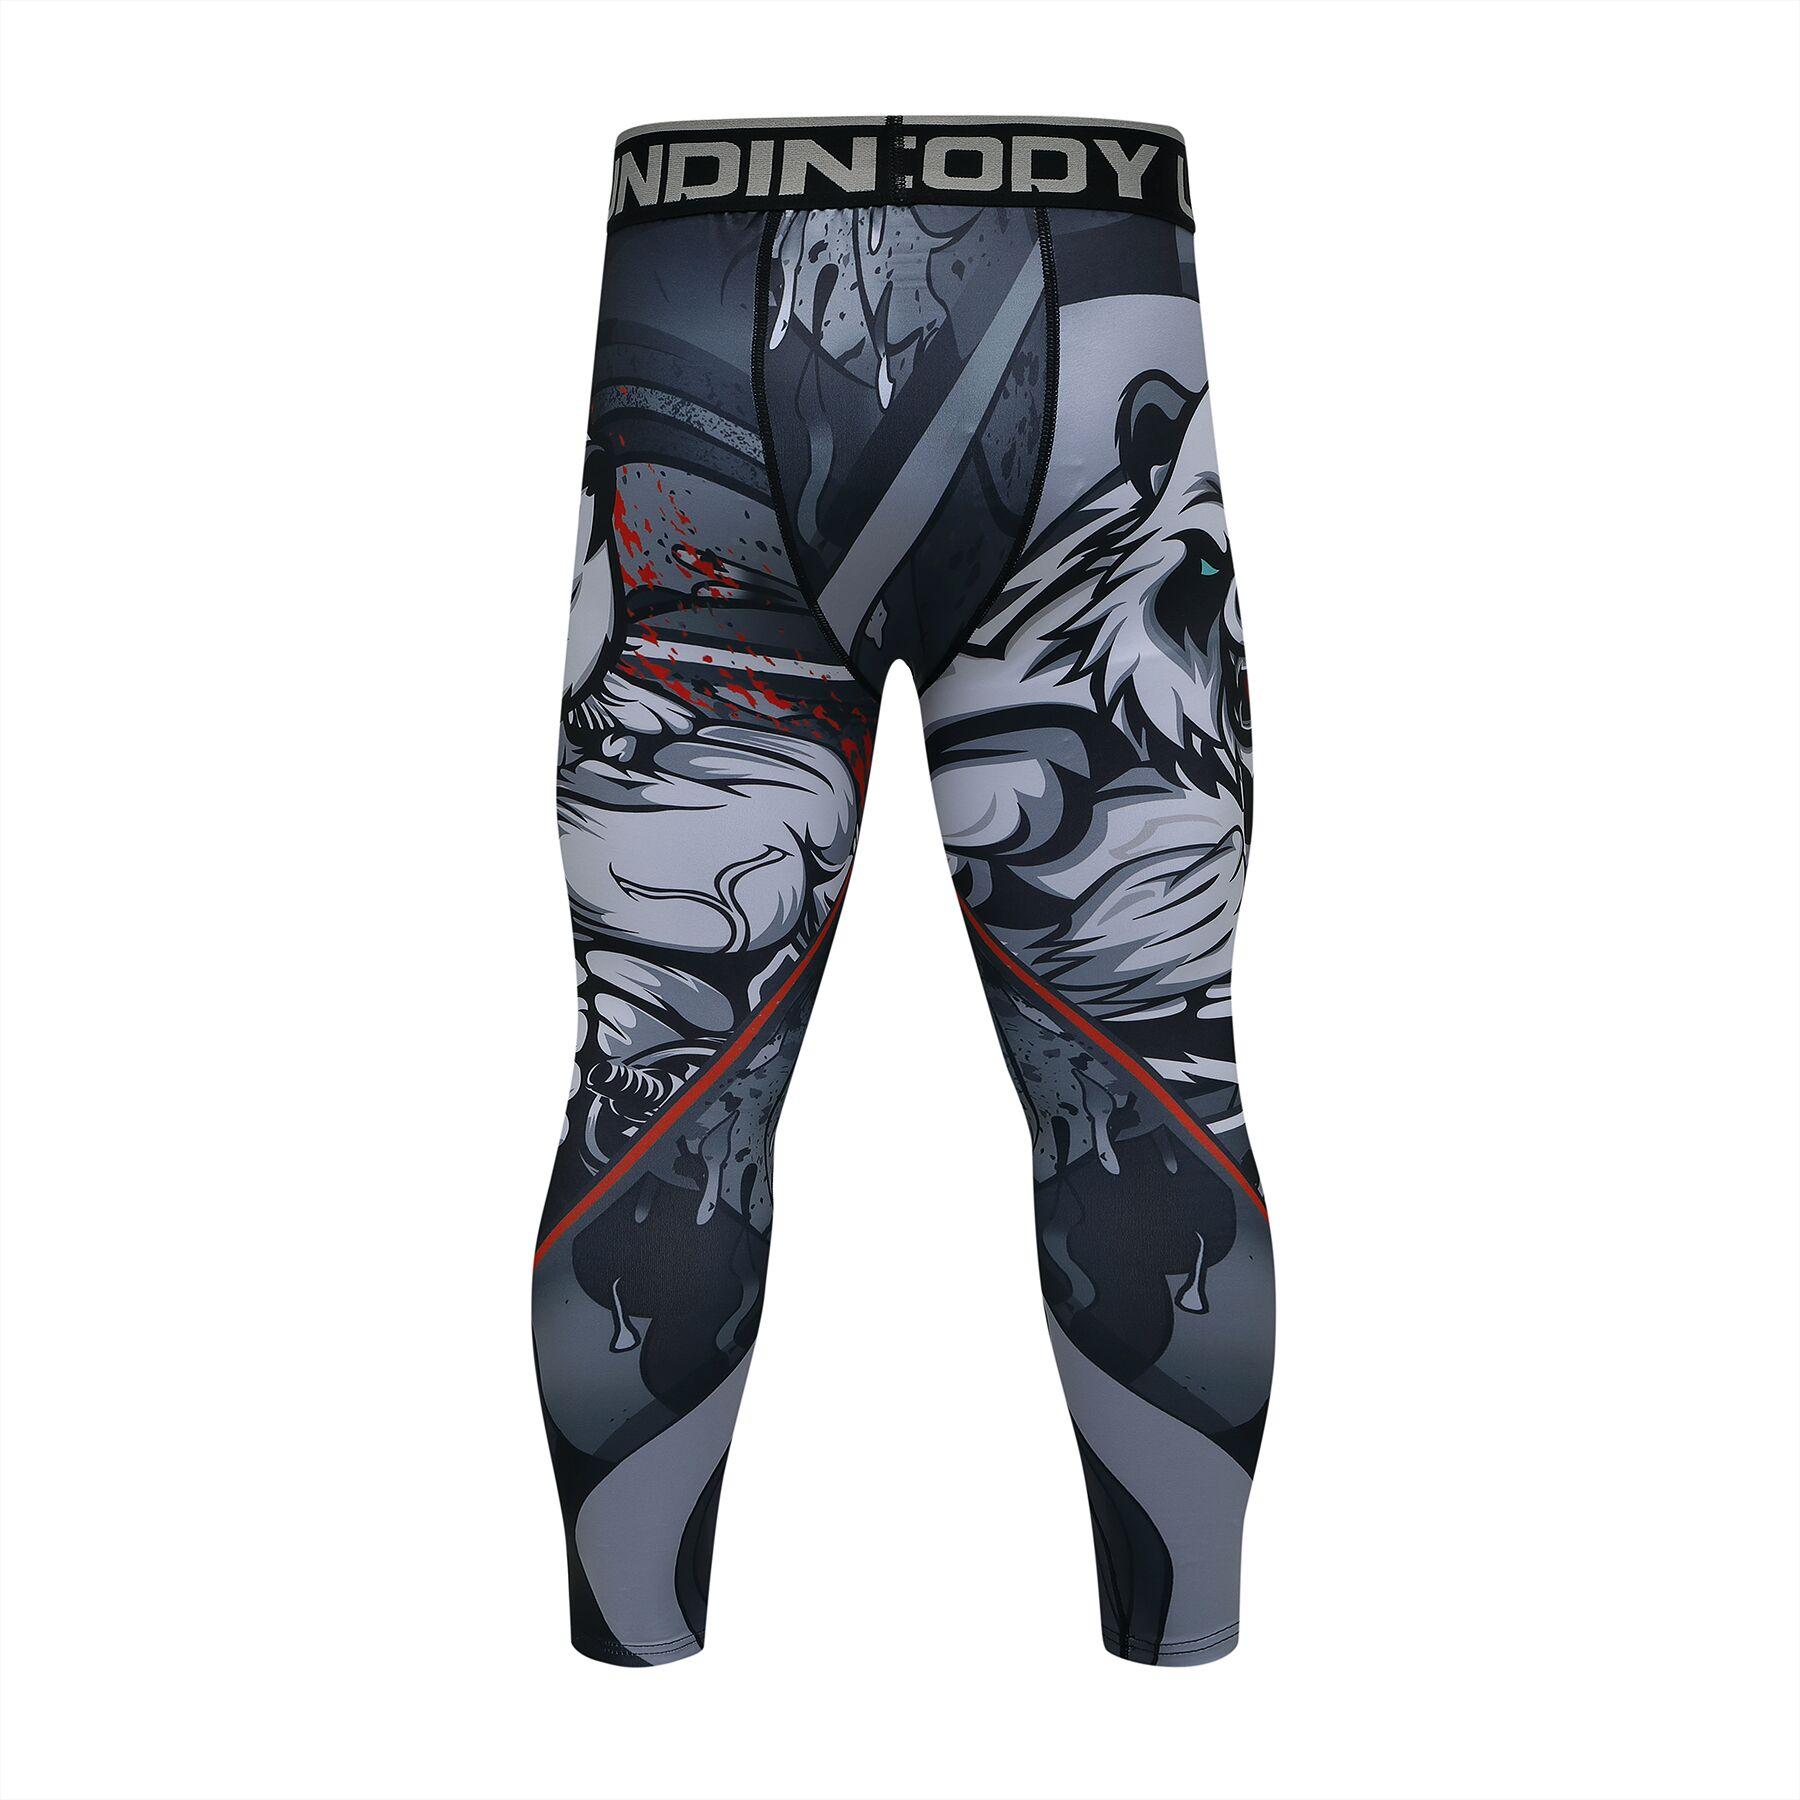 masculina para boxe e mma, shorts de